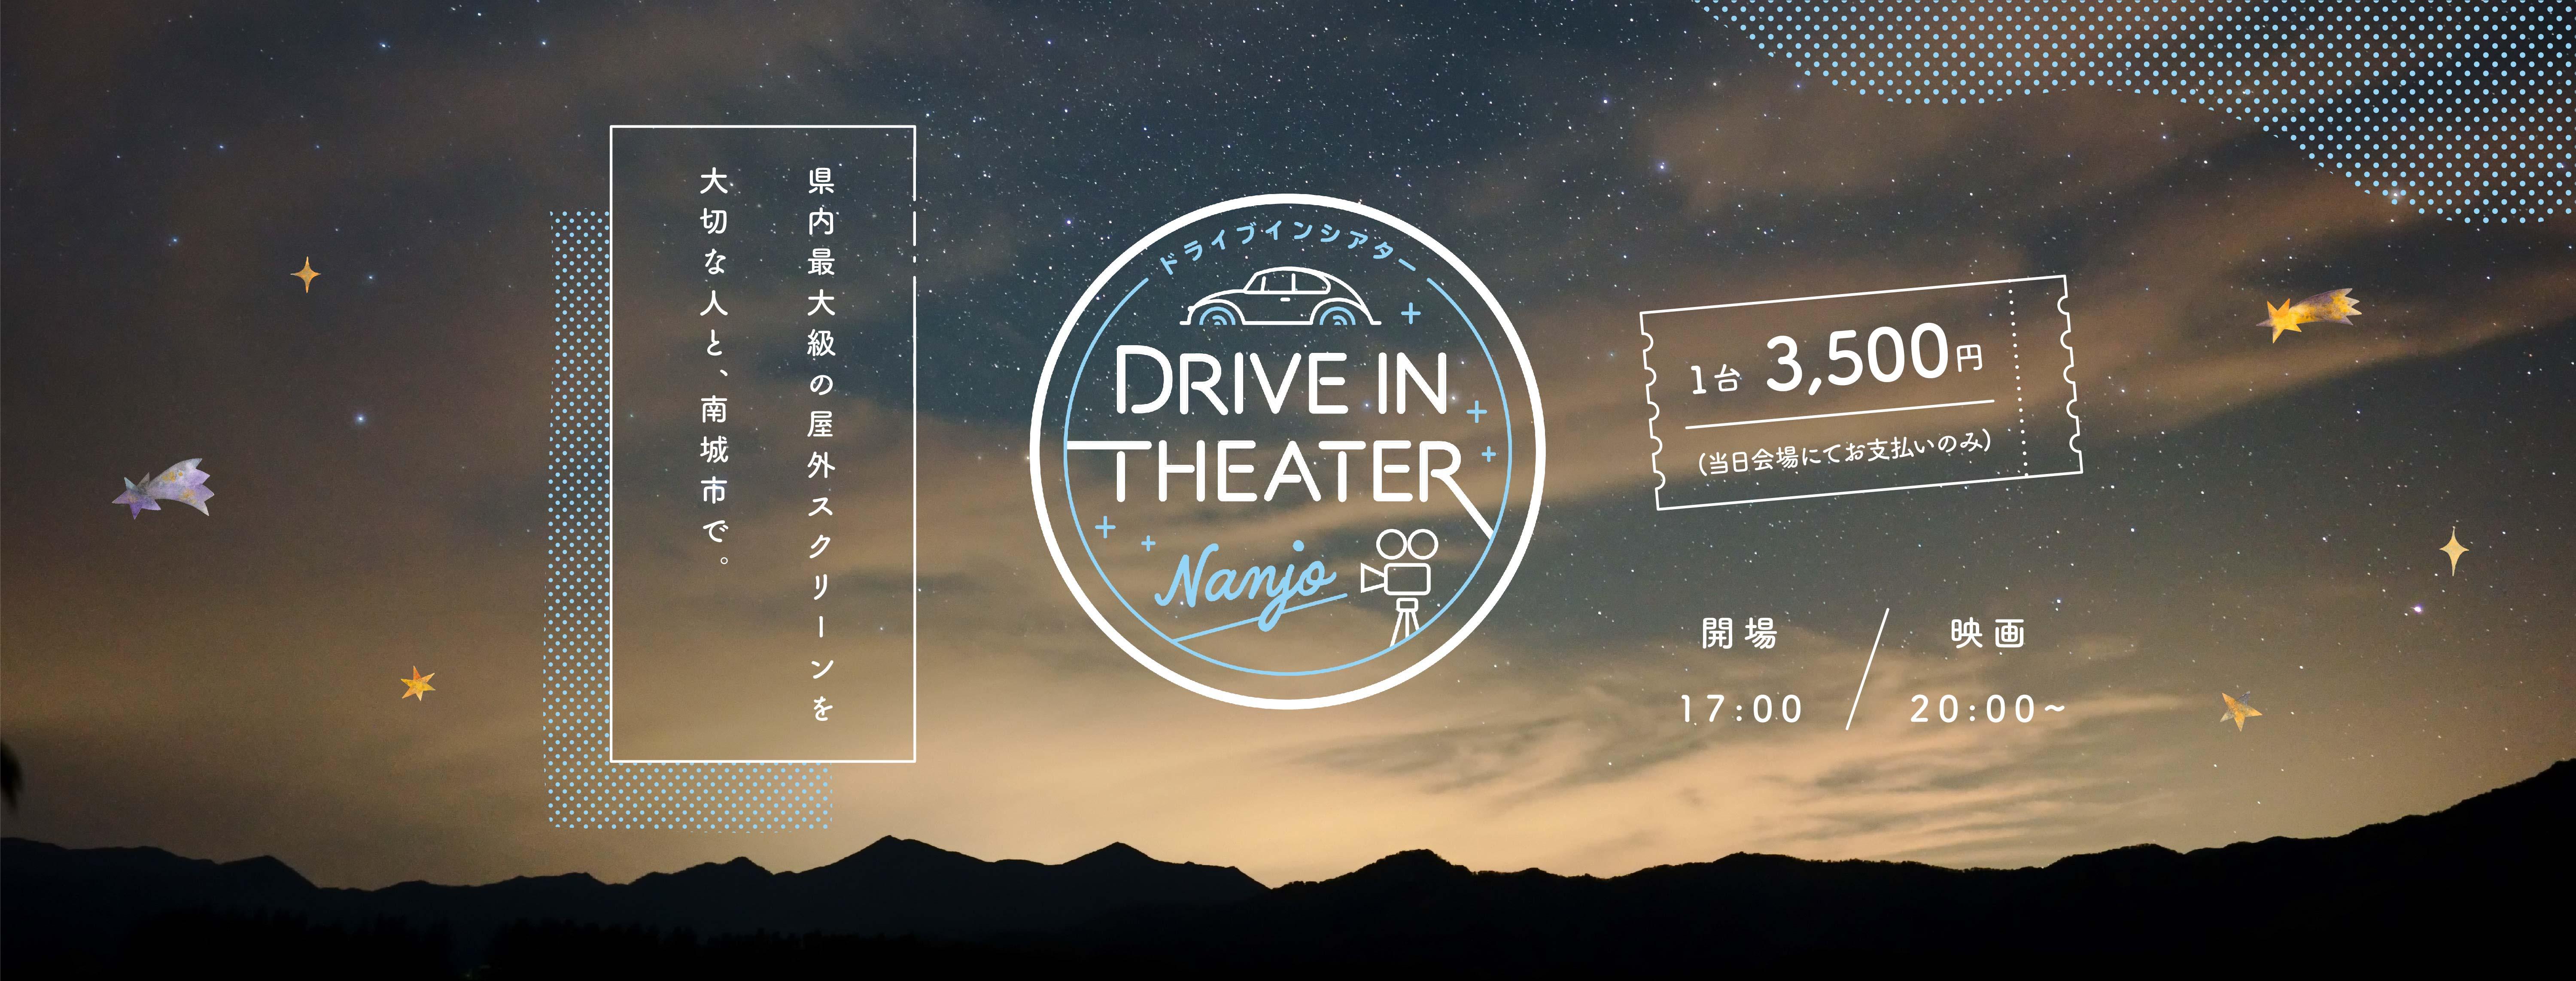 ドライブインシアター・オキナワ